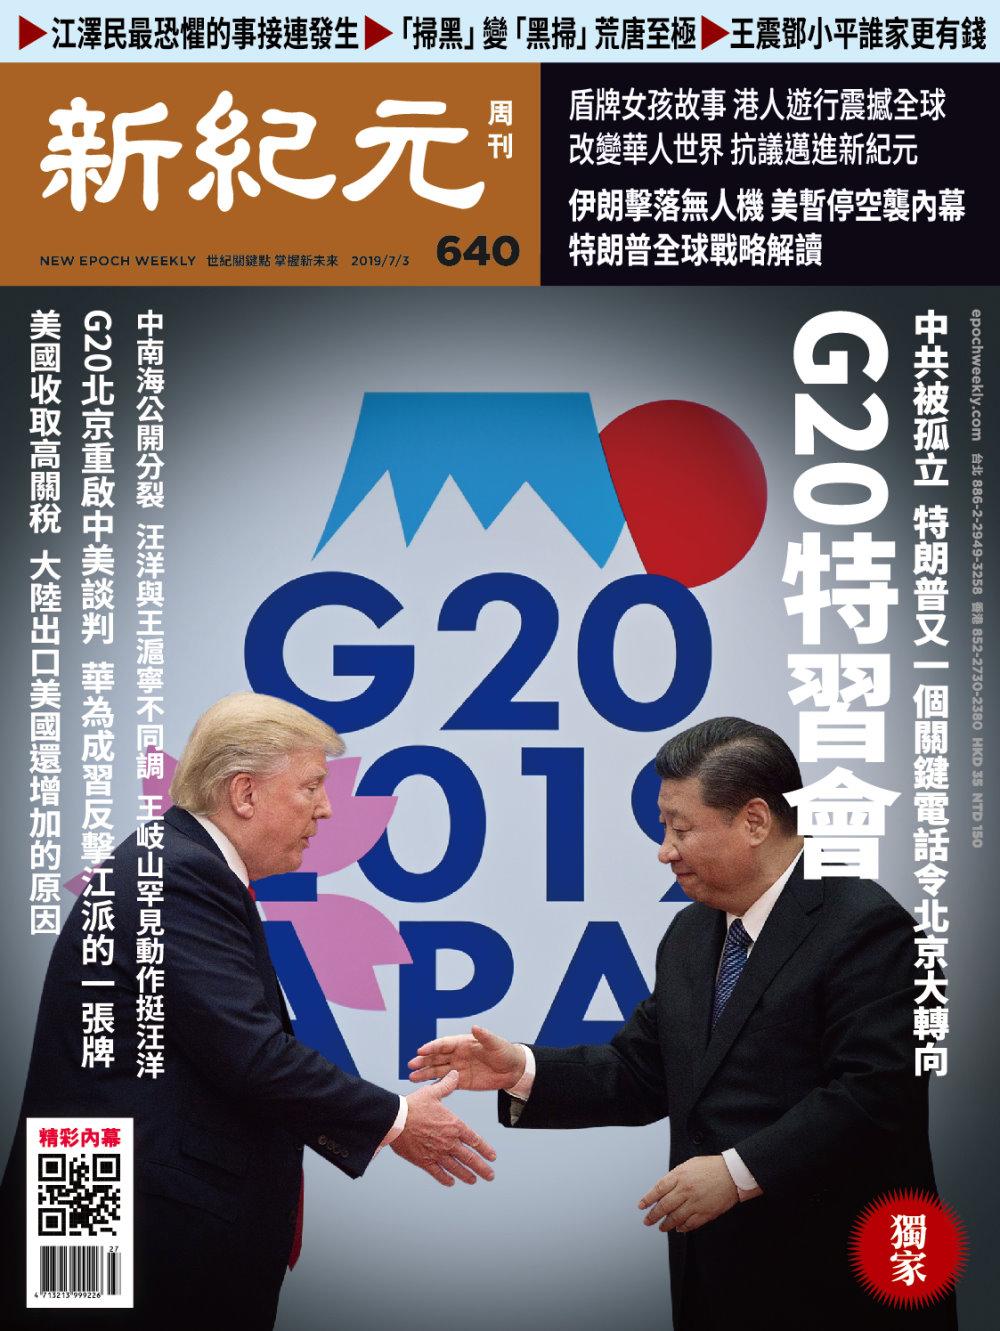 新紀元周刊 2019/7/4第640期